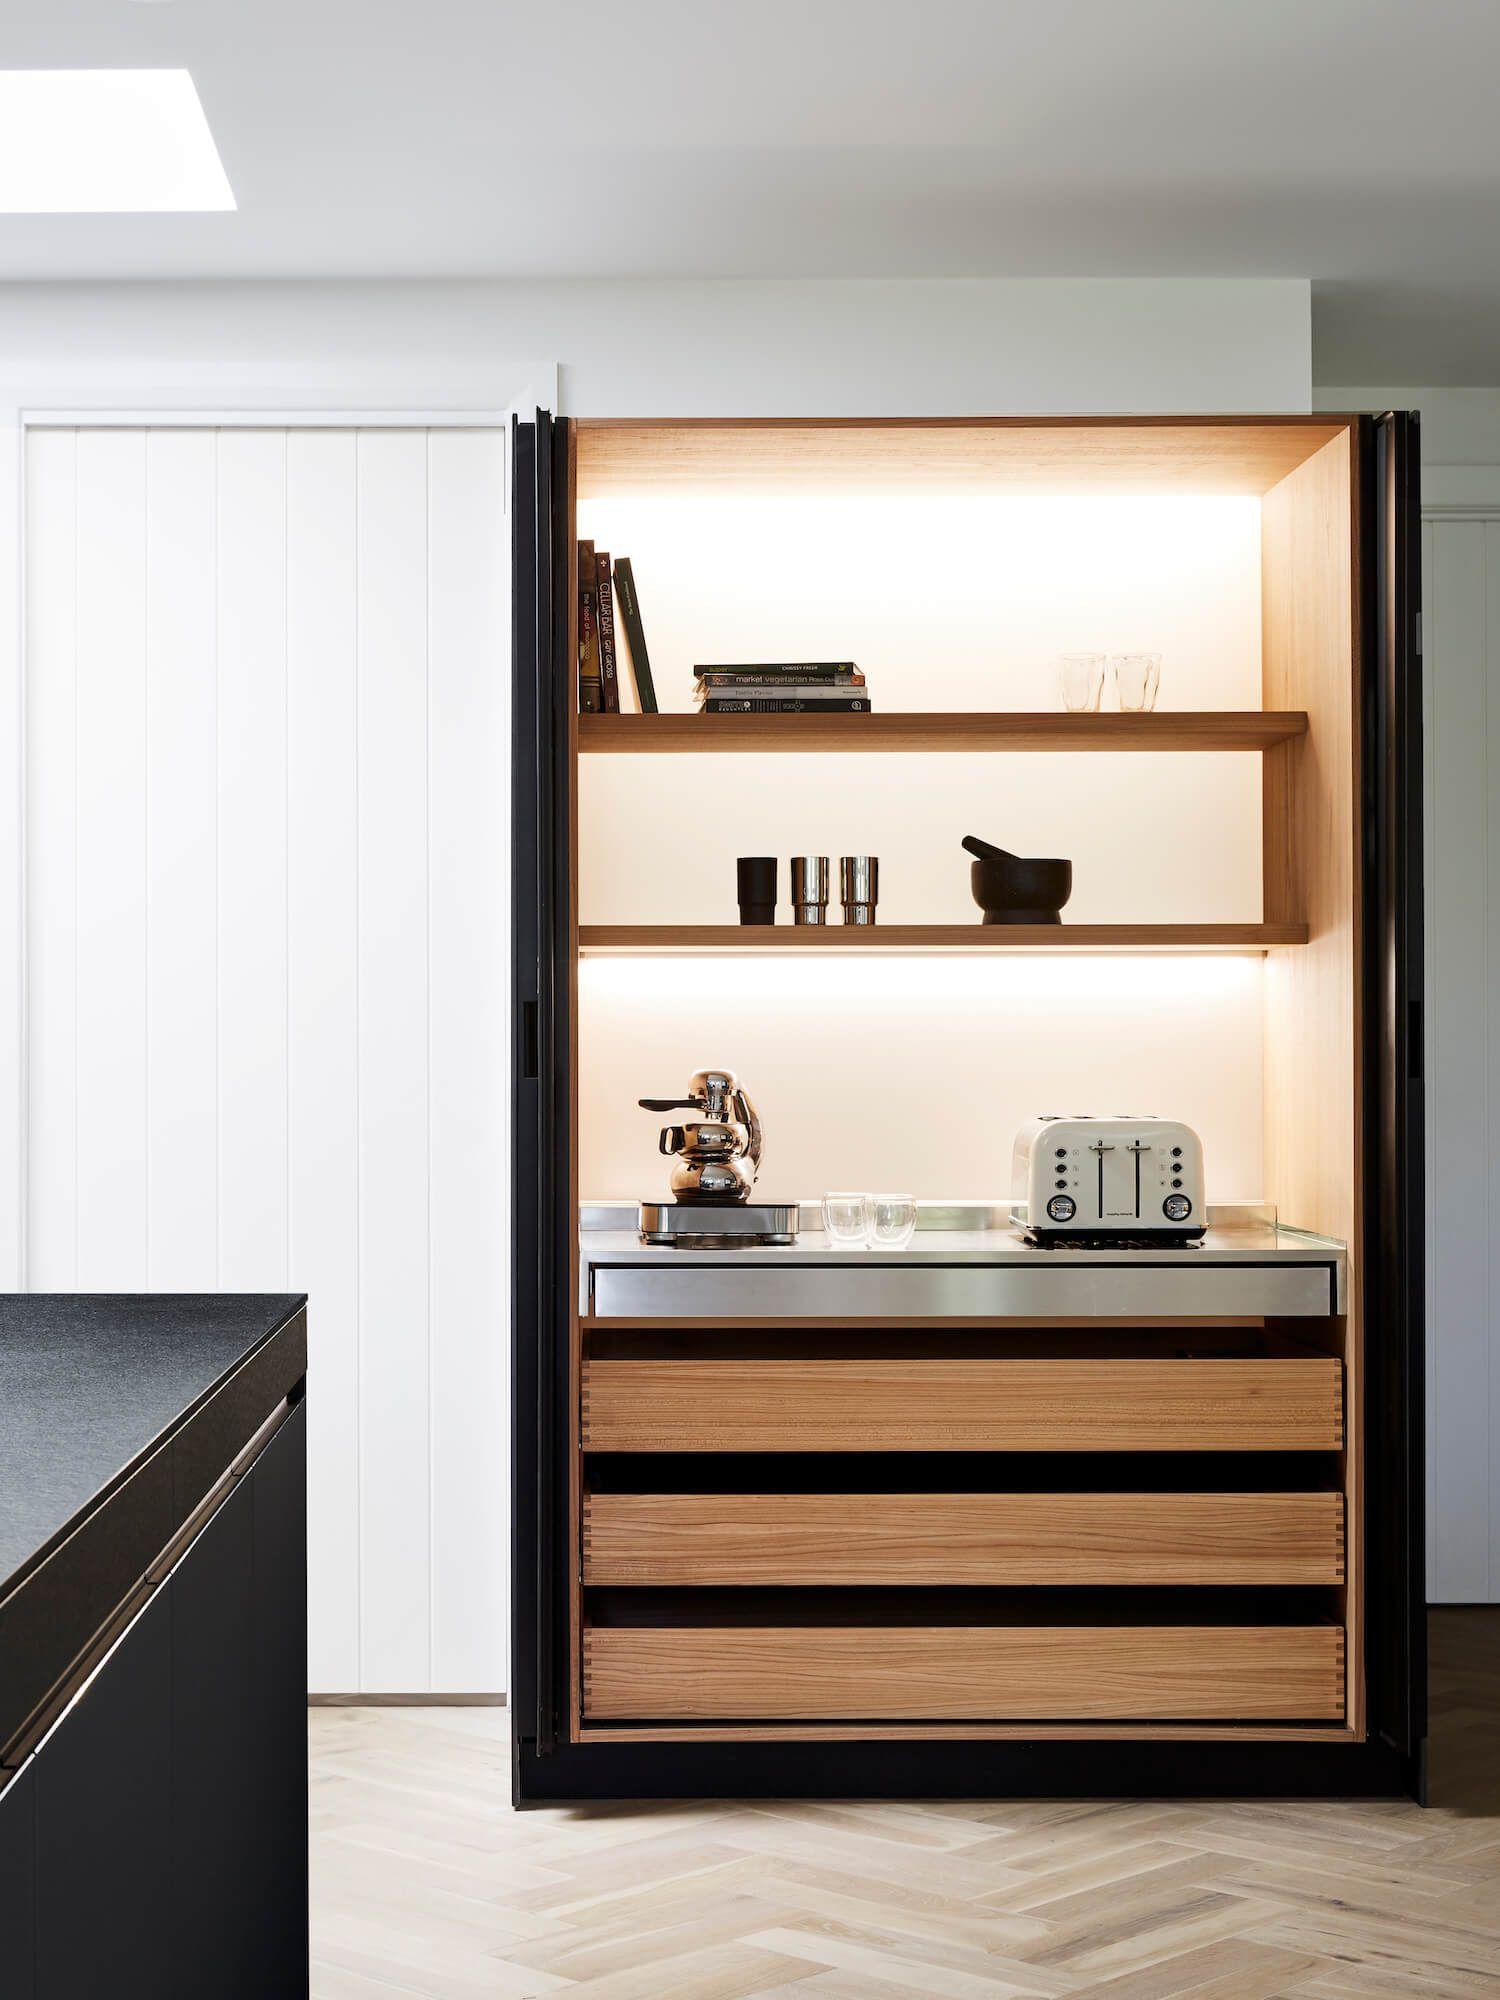 Best Built For Six Tour A Modern Family Kitchen Modern 400 x 300